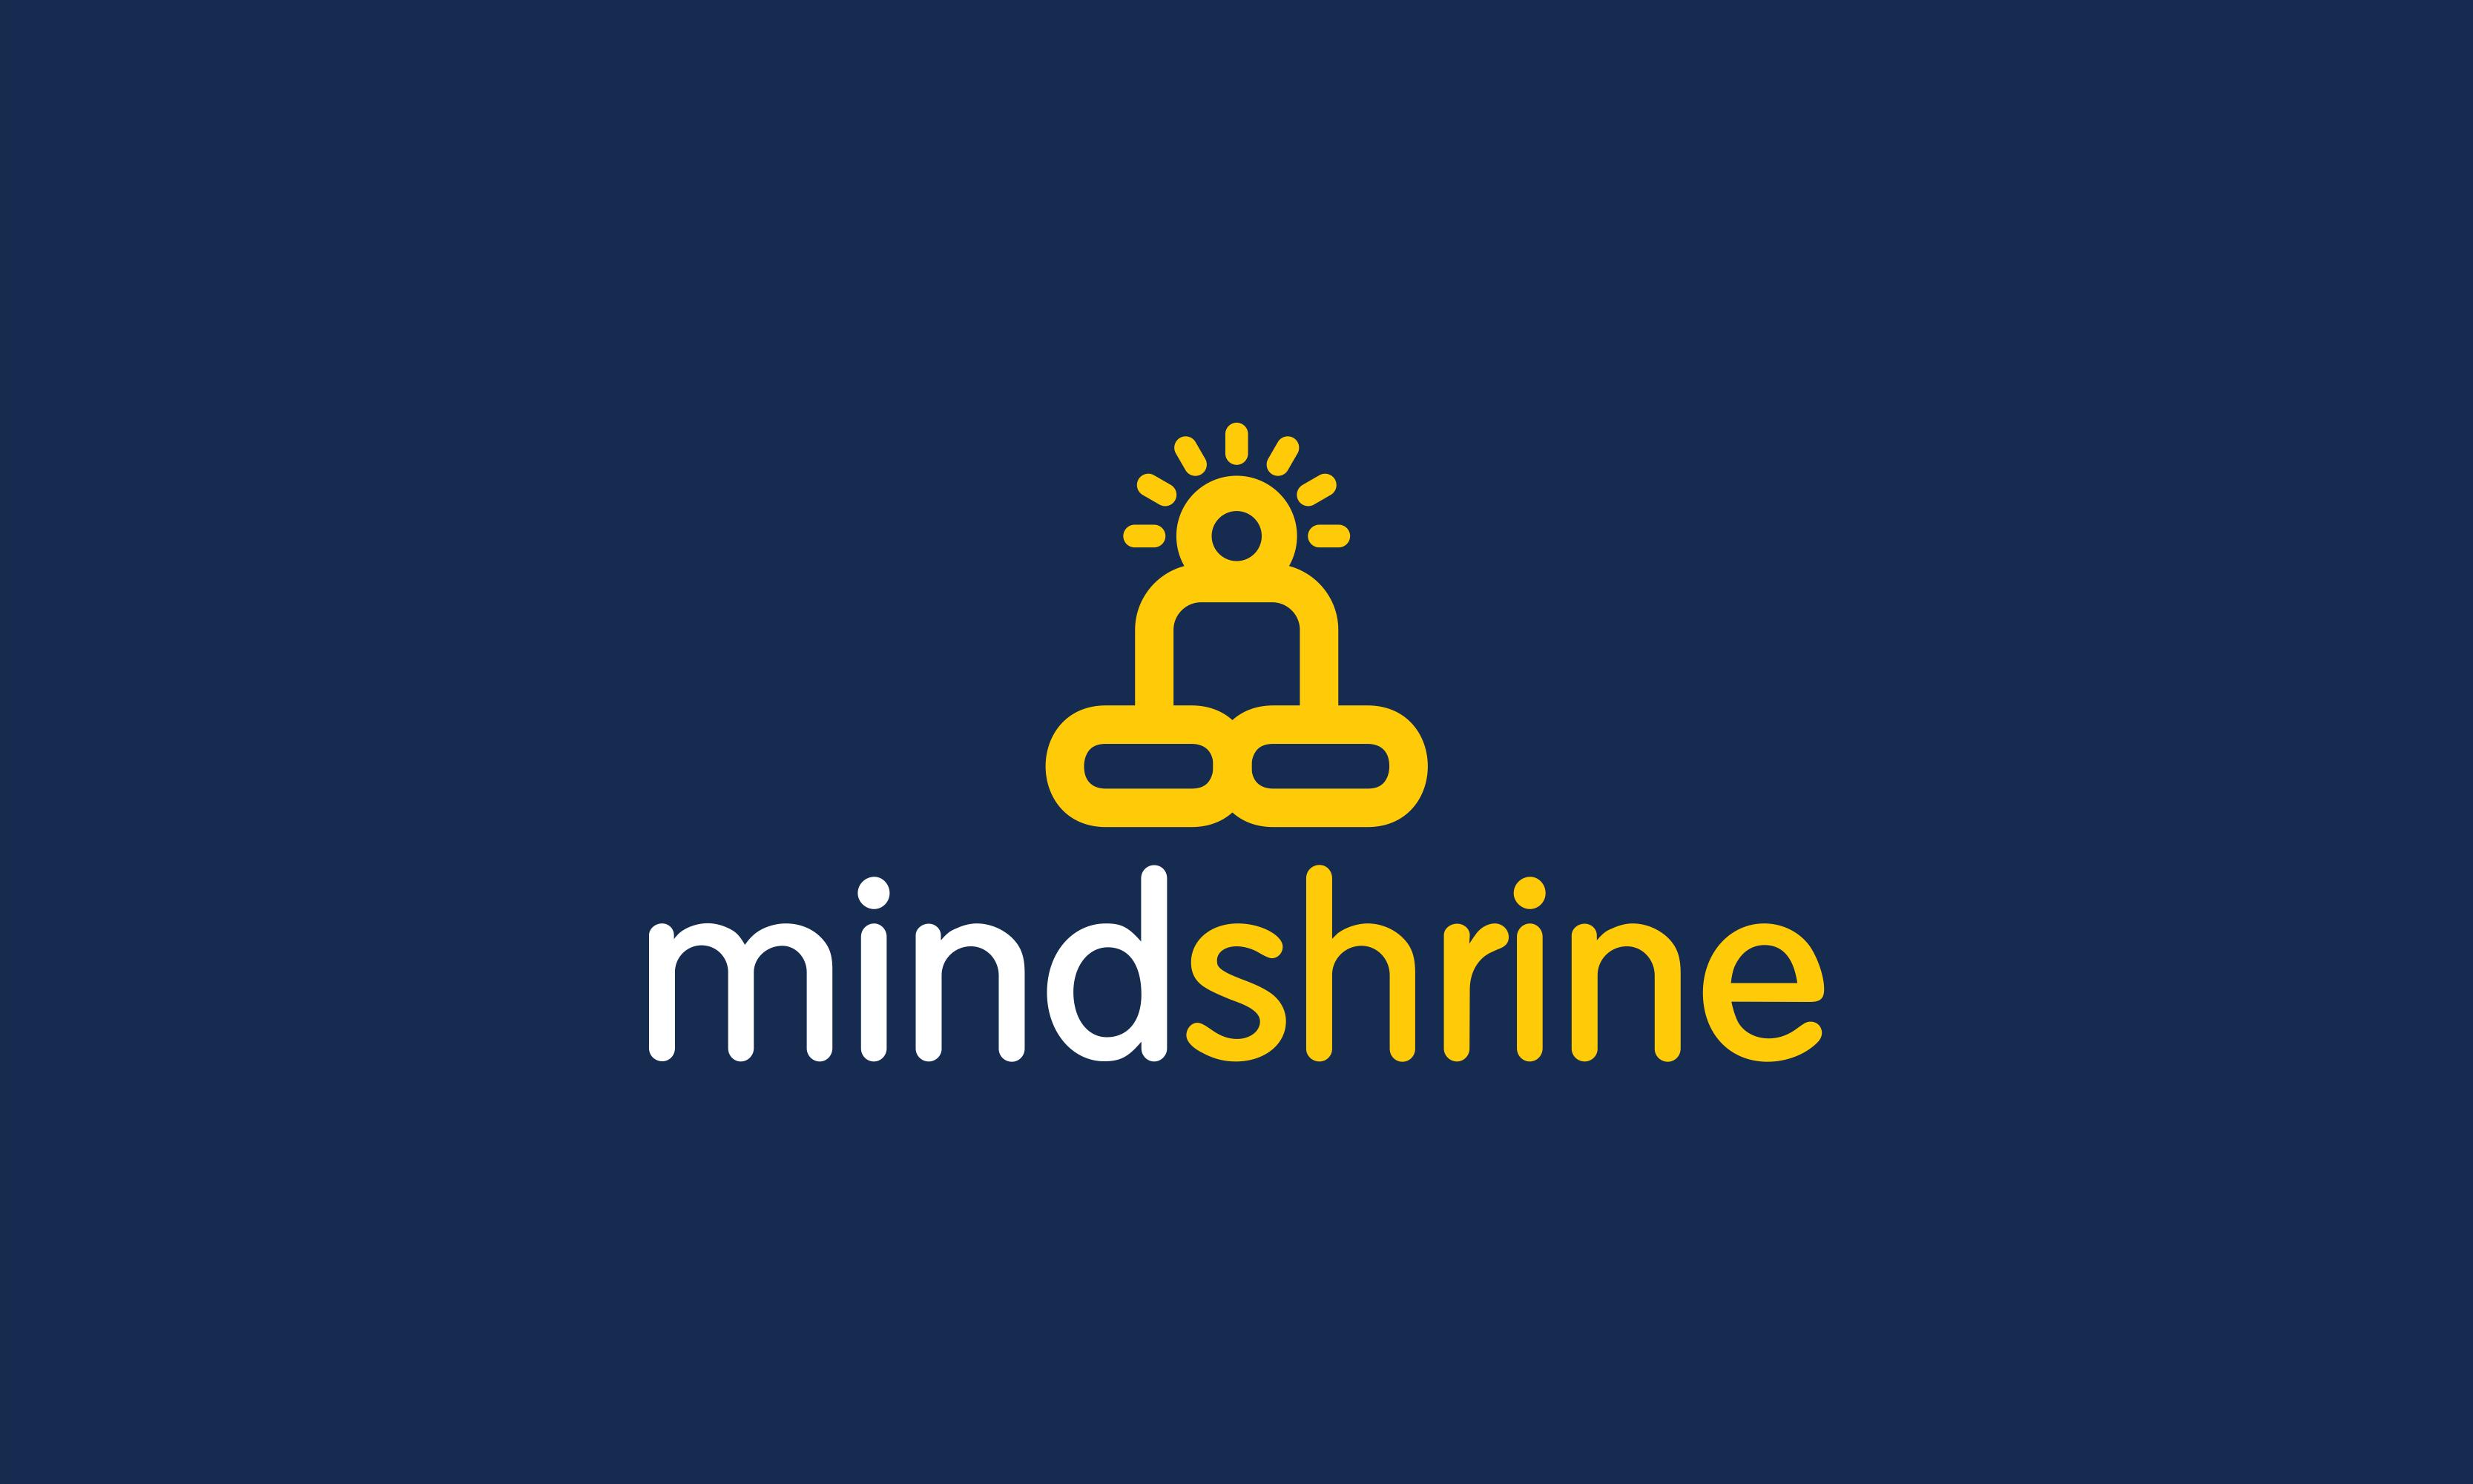 Mindshrine